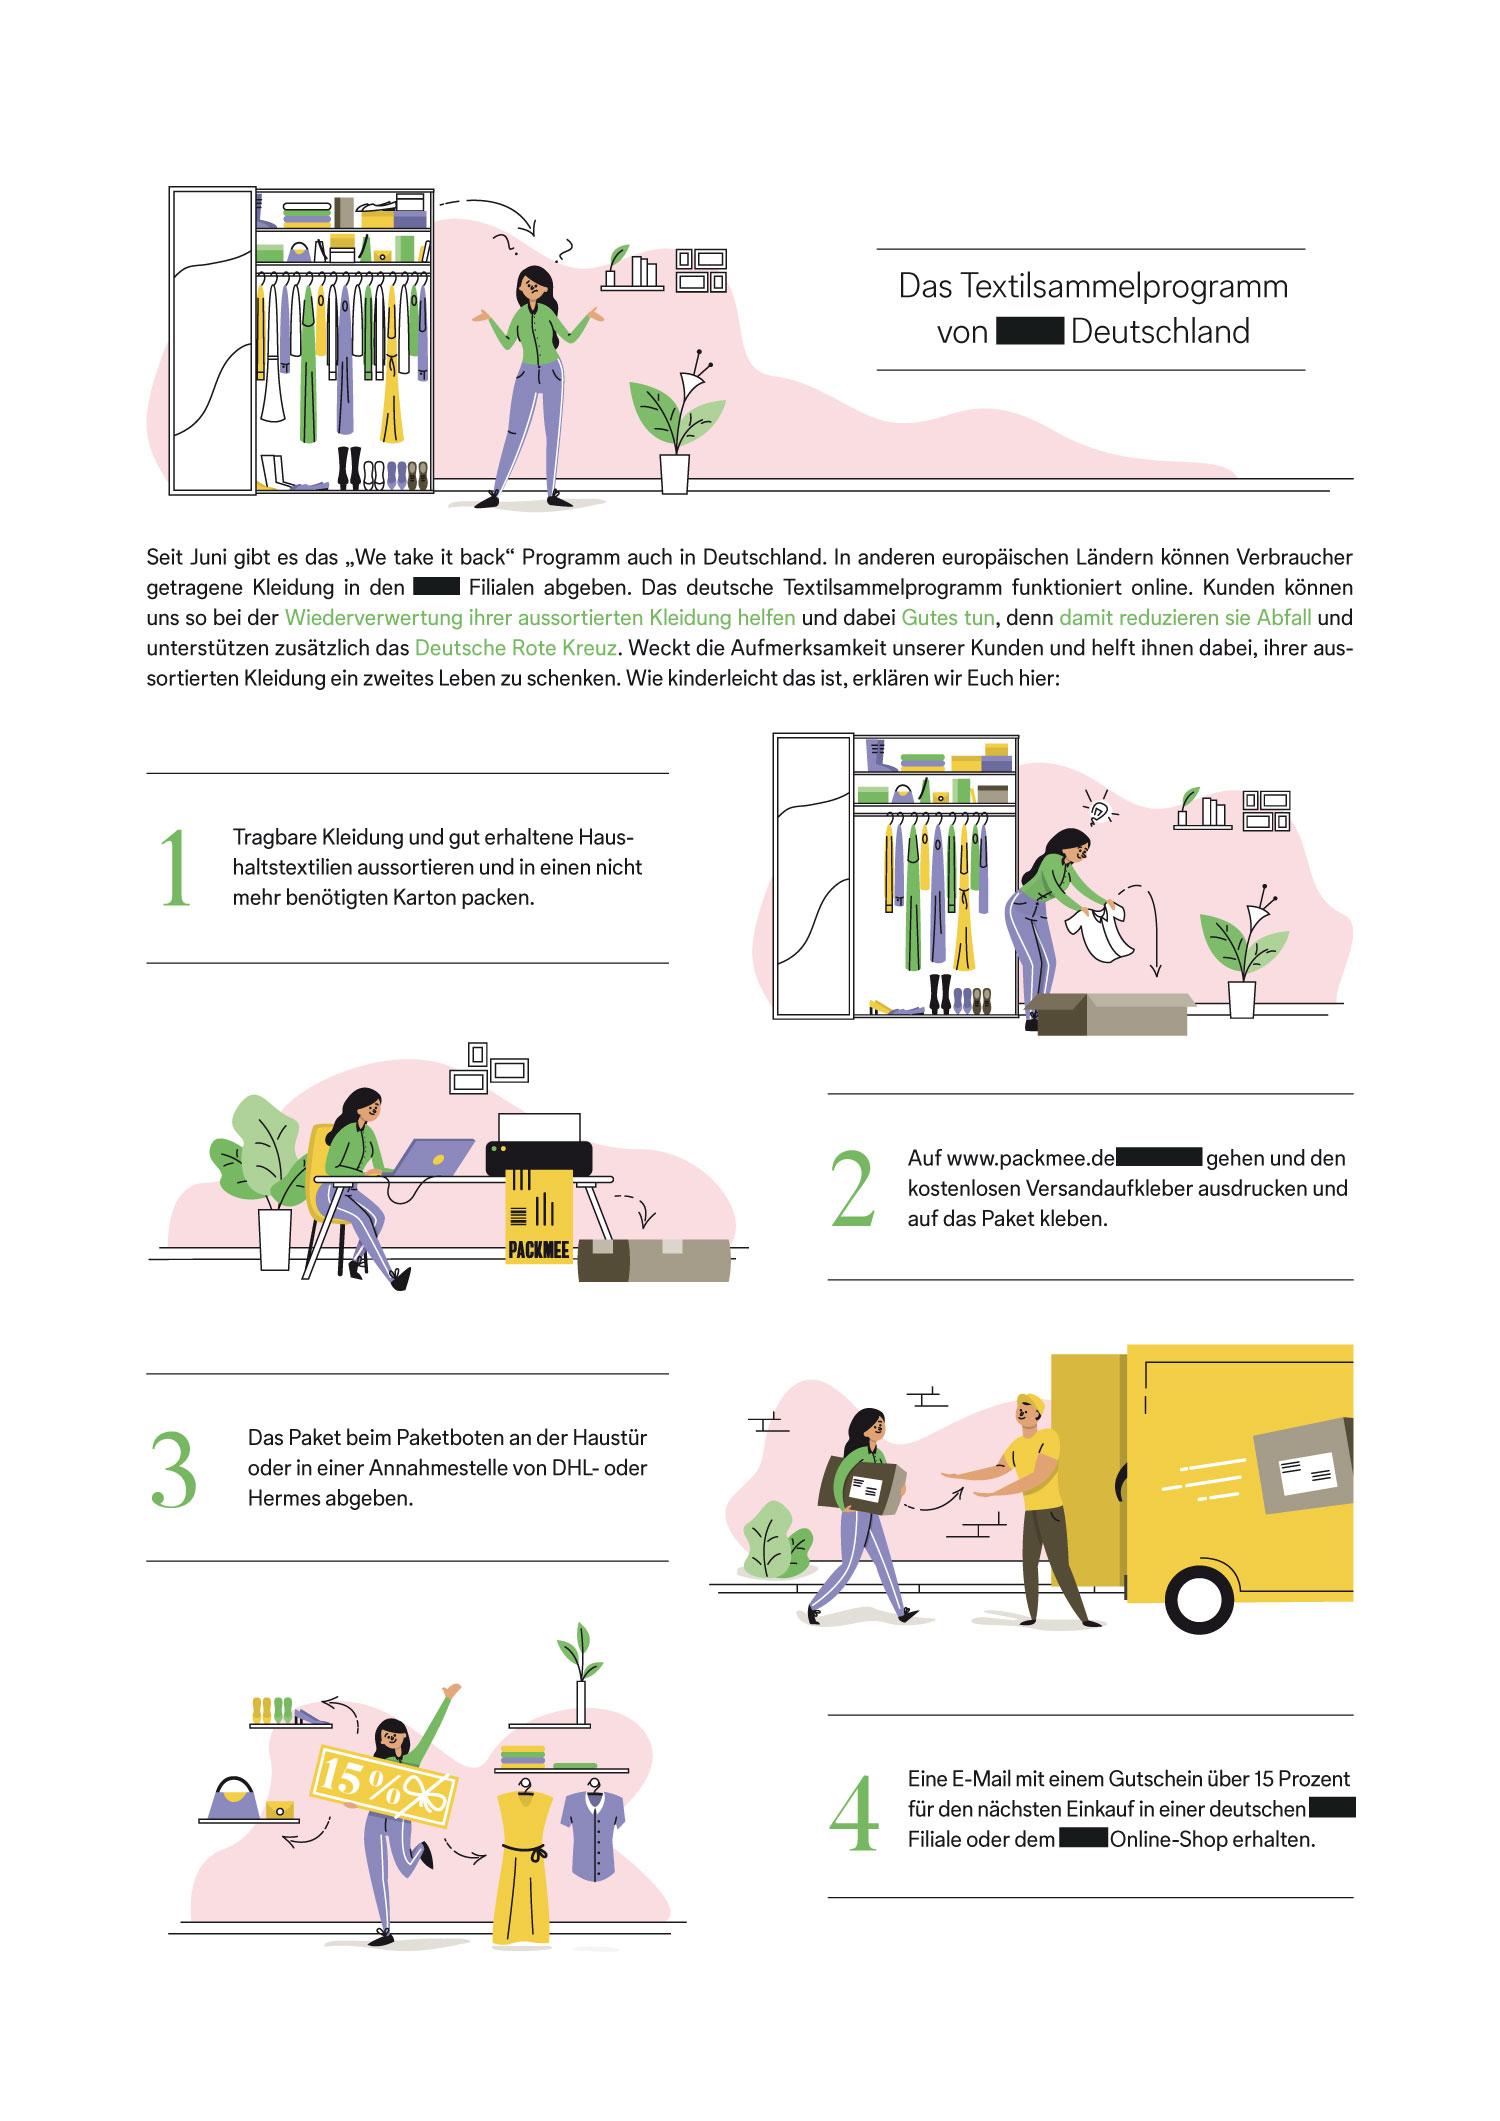 Editorial Illustration zu einem Textilsammelprogramm - Elisabeth Deim